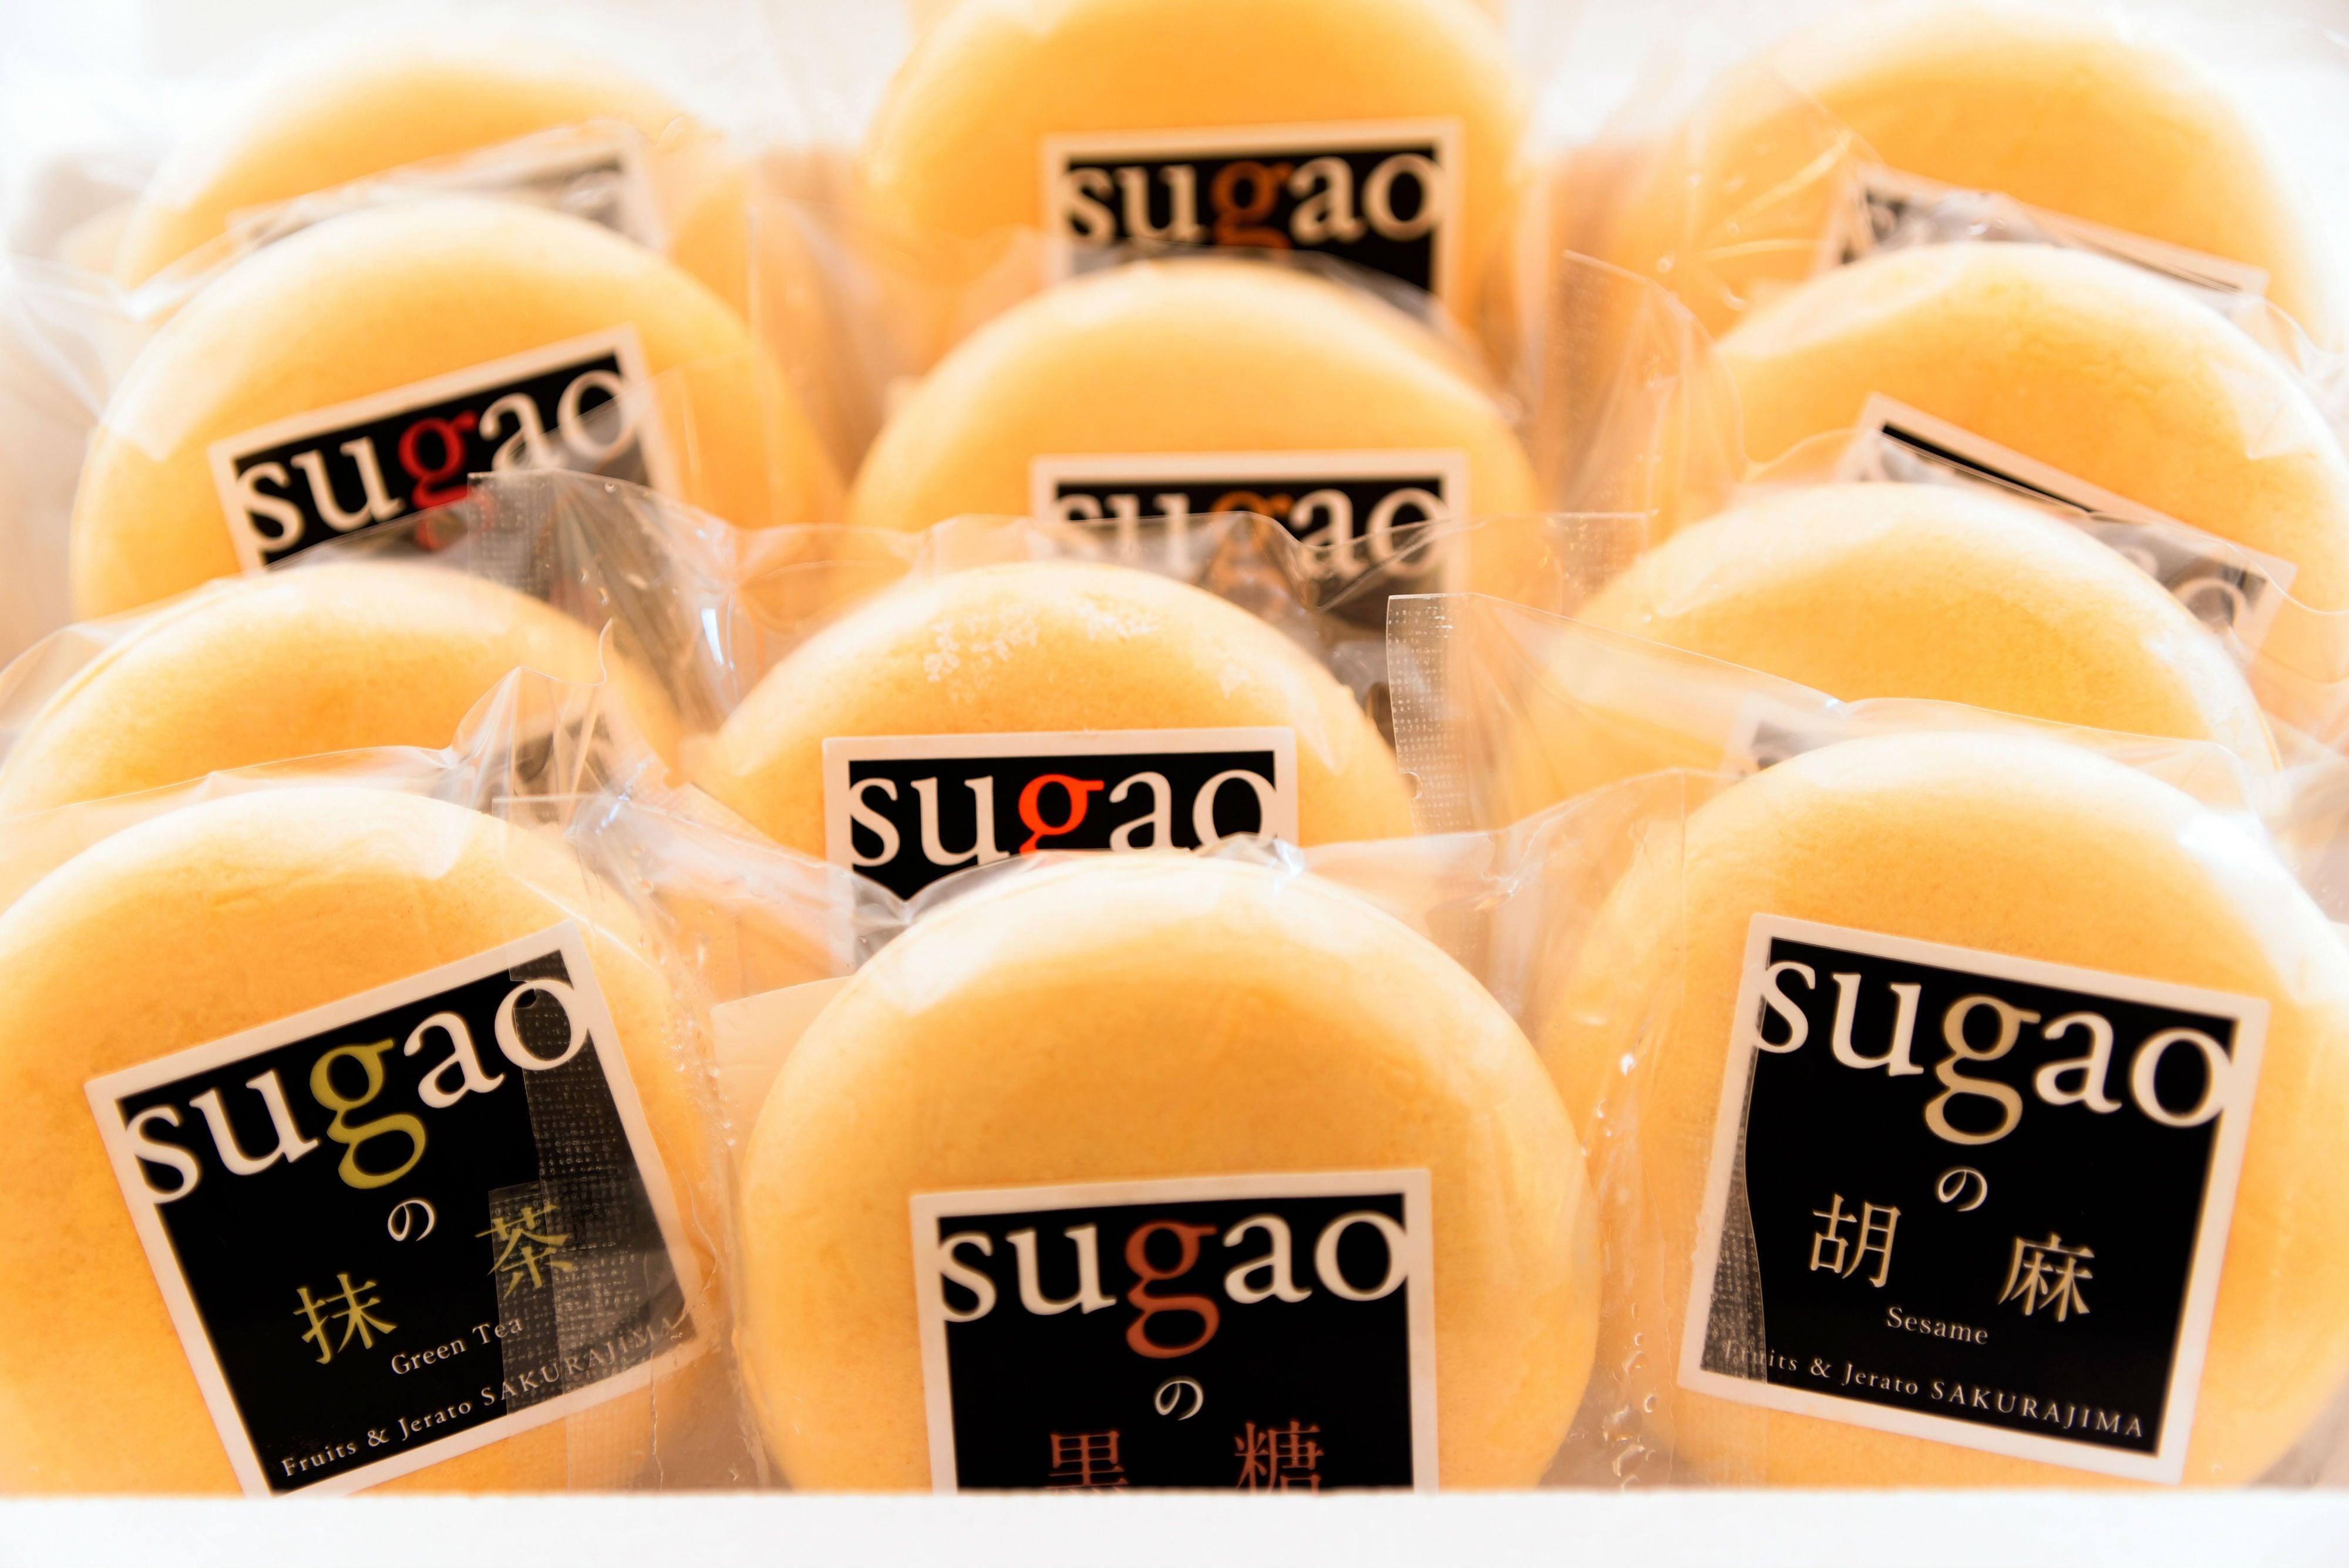 【テイクアウト専用】お好きなSUGAOアイス最中のイメージその1